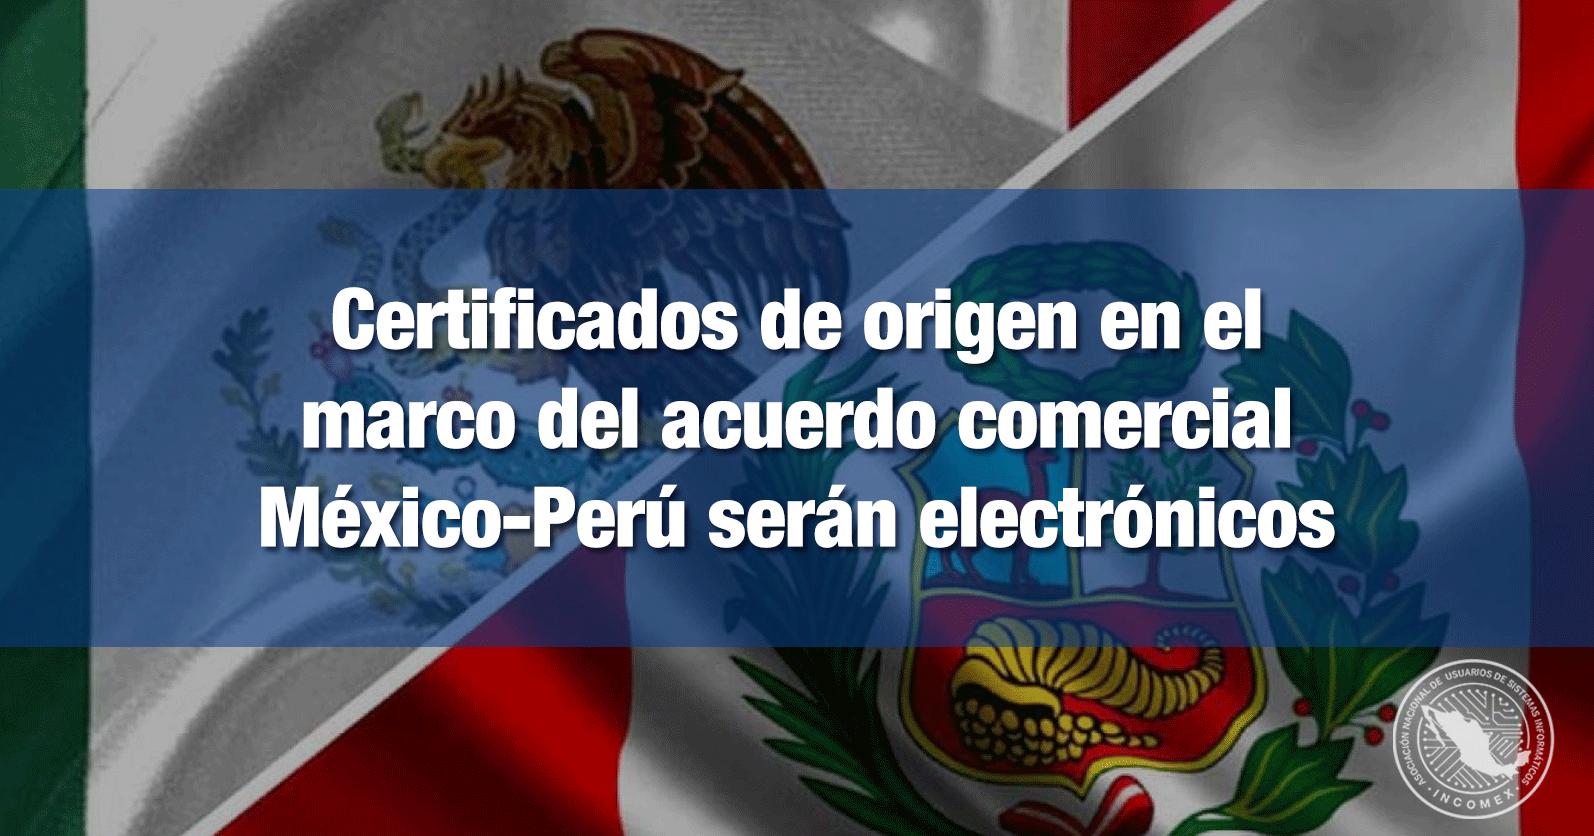 Certificados de origen en el marco del acuerdo comercial México-Perú serán electrónicos